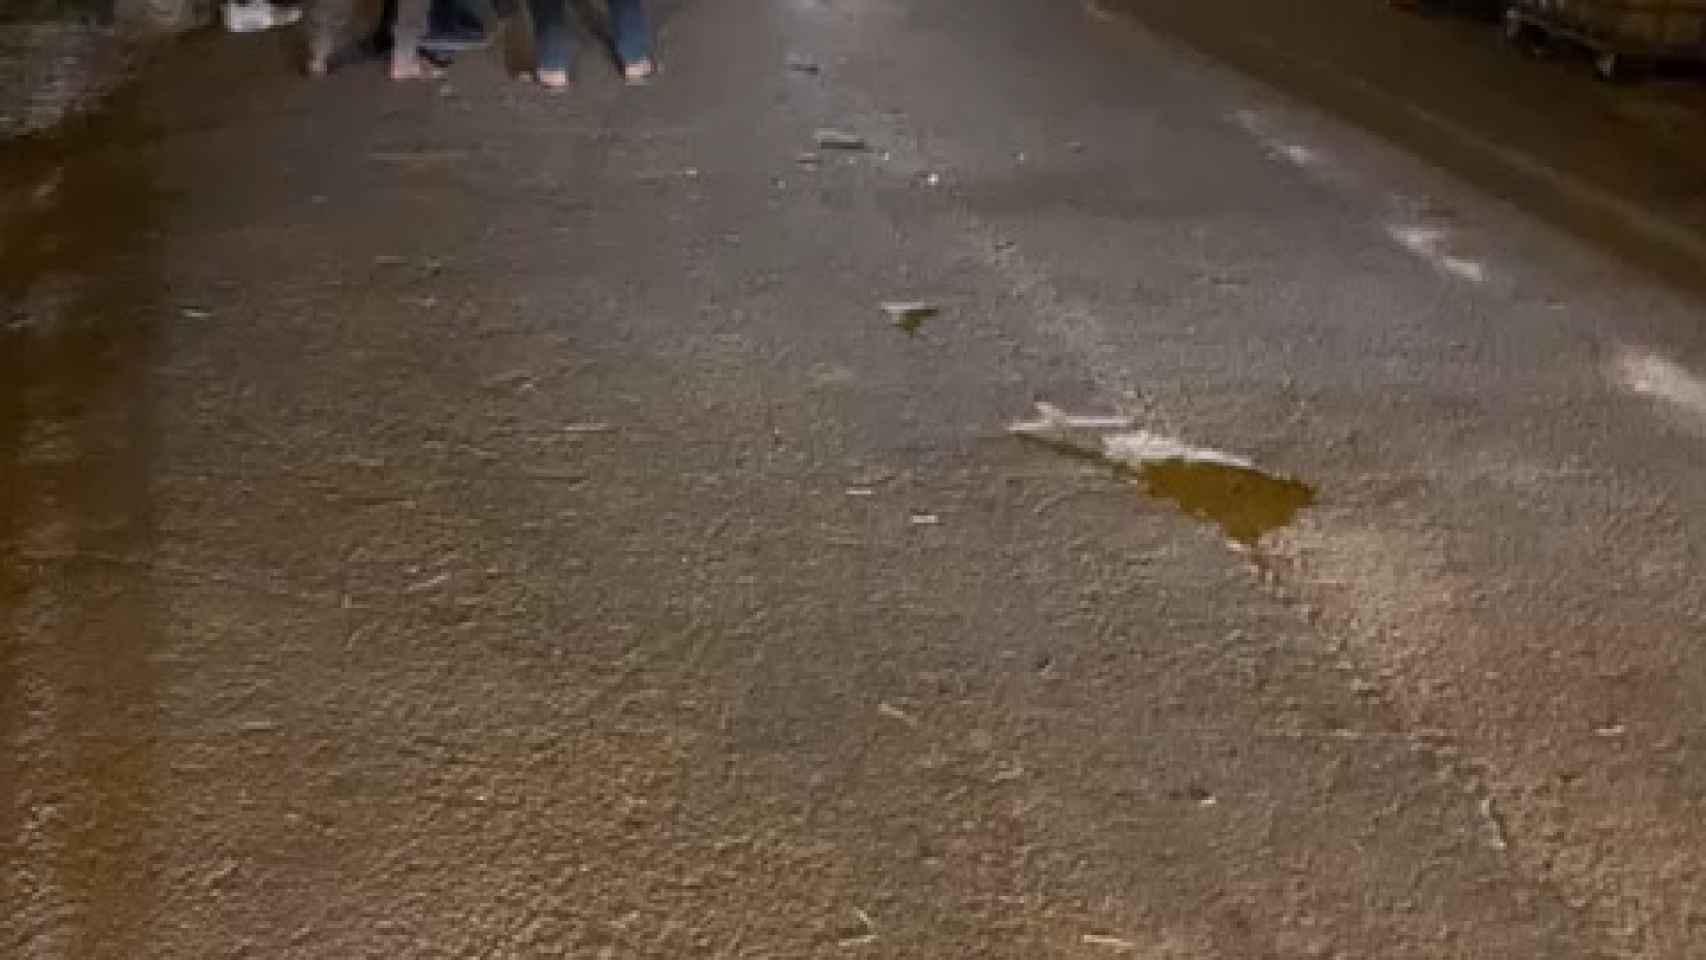 Atropello mortal en Murcia a un menor de 16 meses por parte del conductor de un camión que se disponía a entrar en una vaquería.